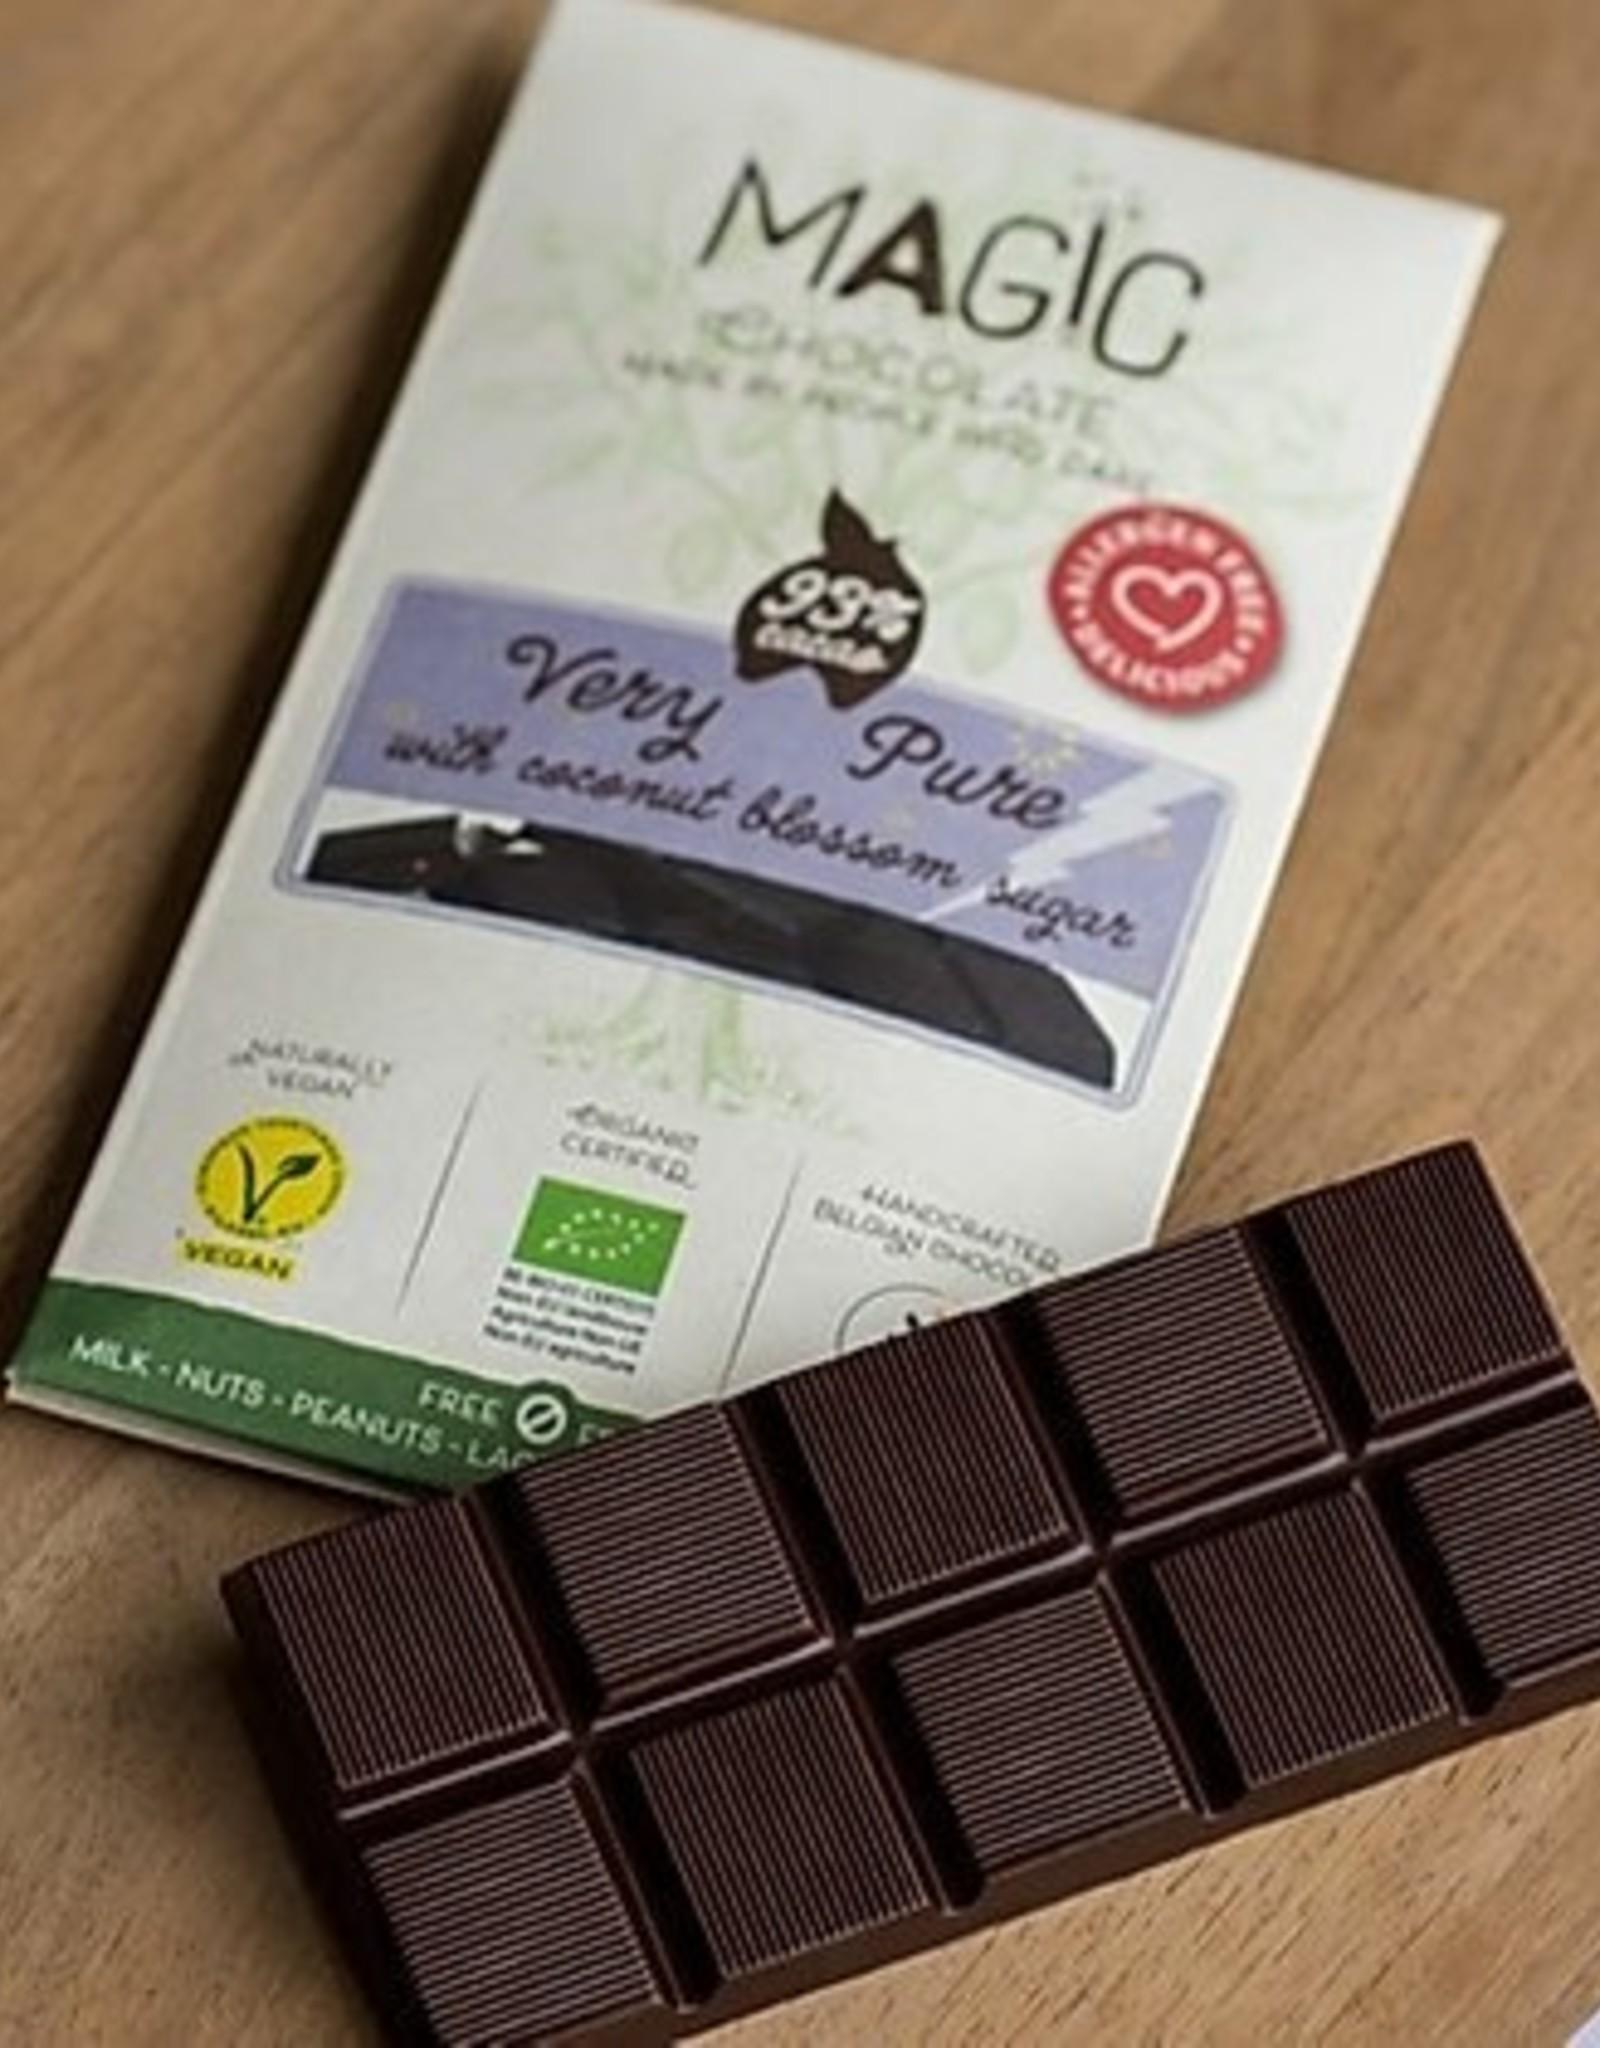 Magic Chocolate Magic Chocolate - very pure 93% -  44g